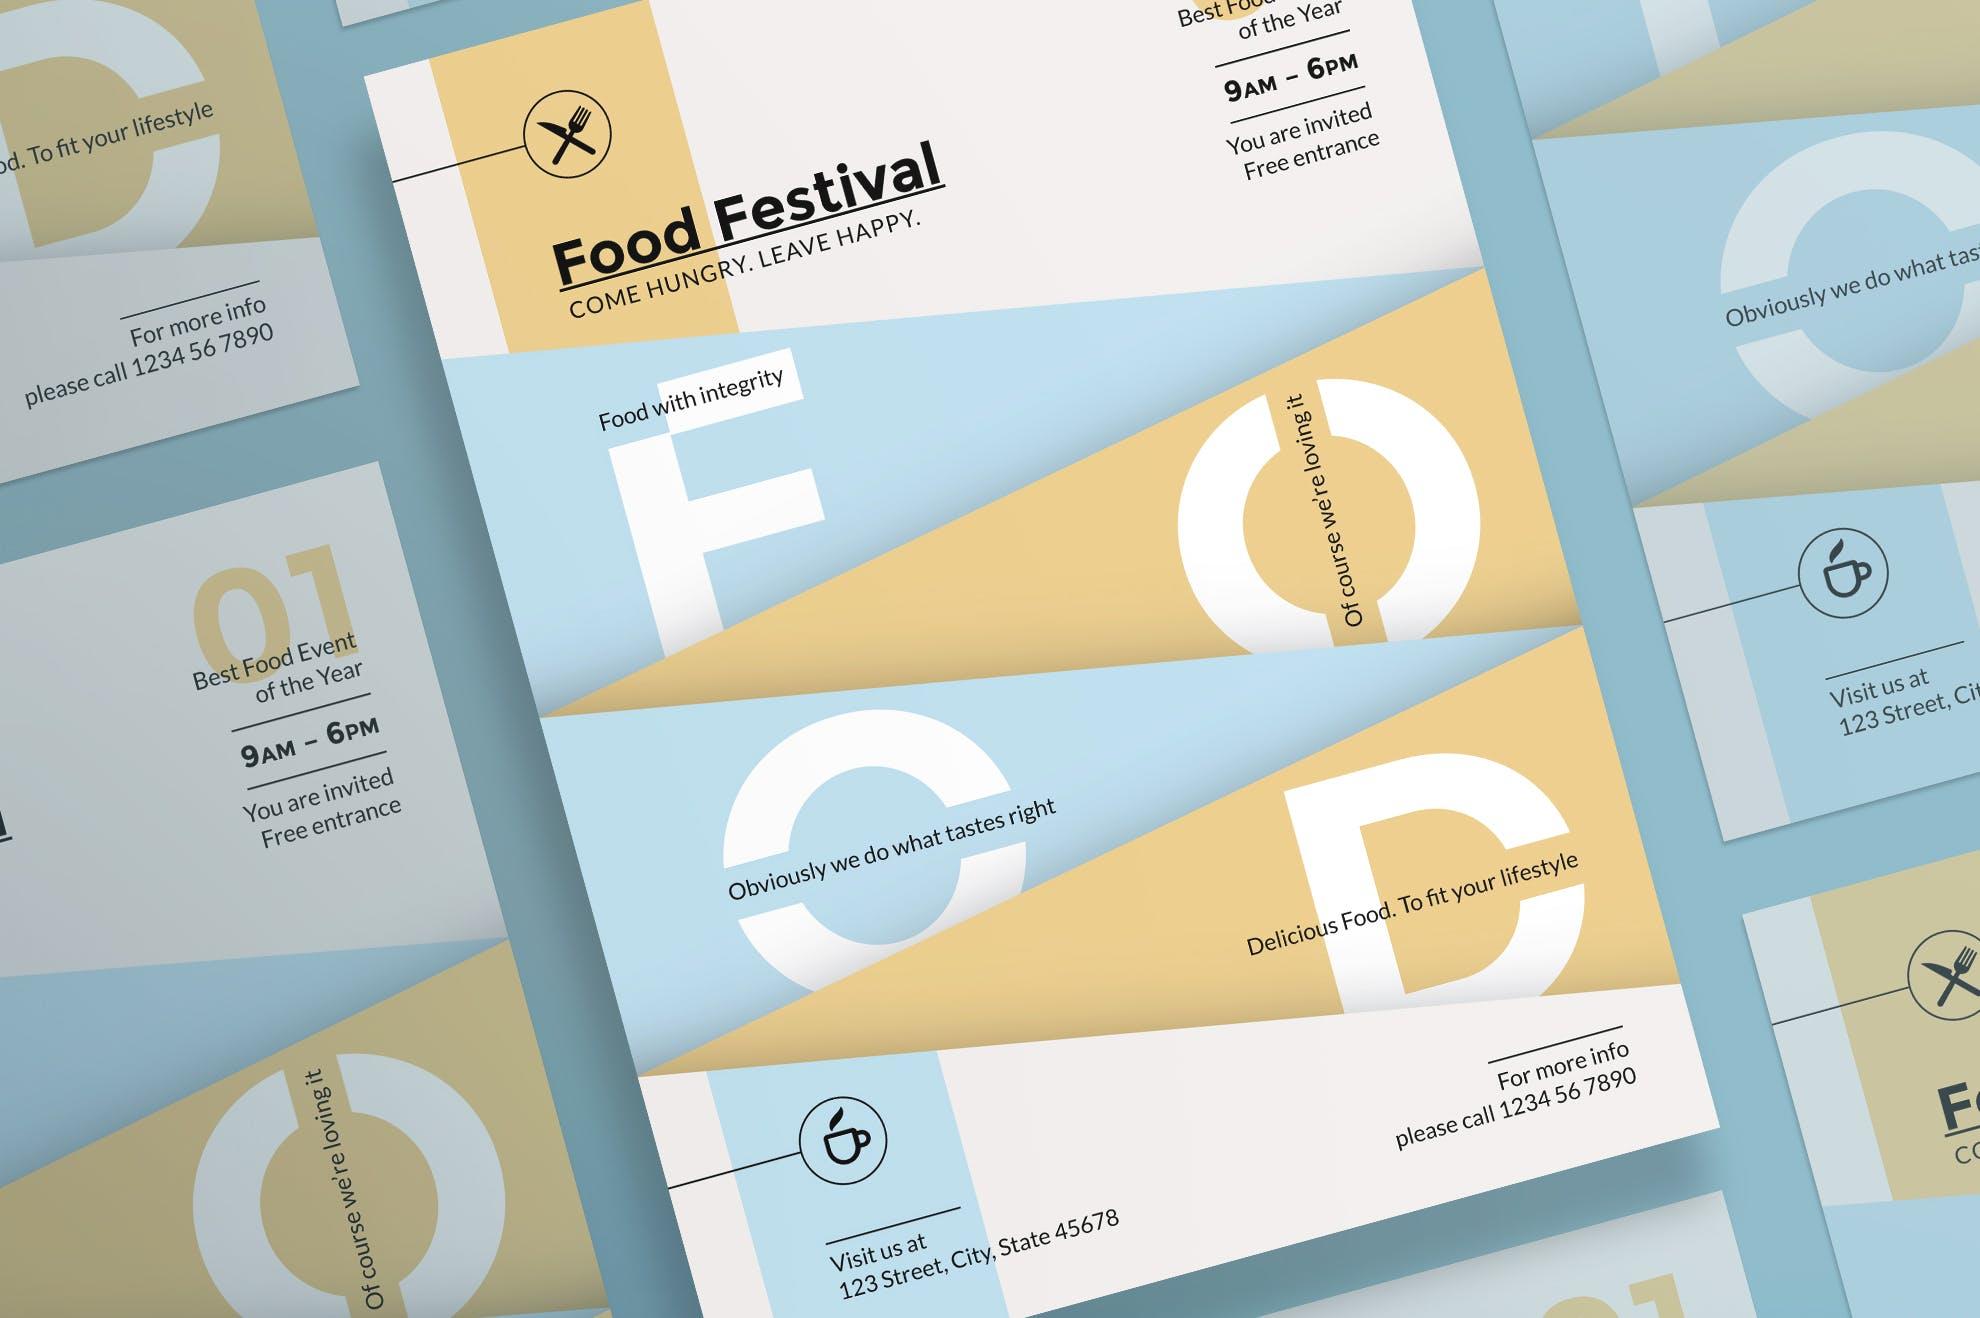 美食节传单和海报模板Food Festival Flyer and Poster Template插图(2)